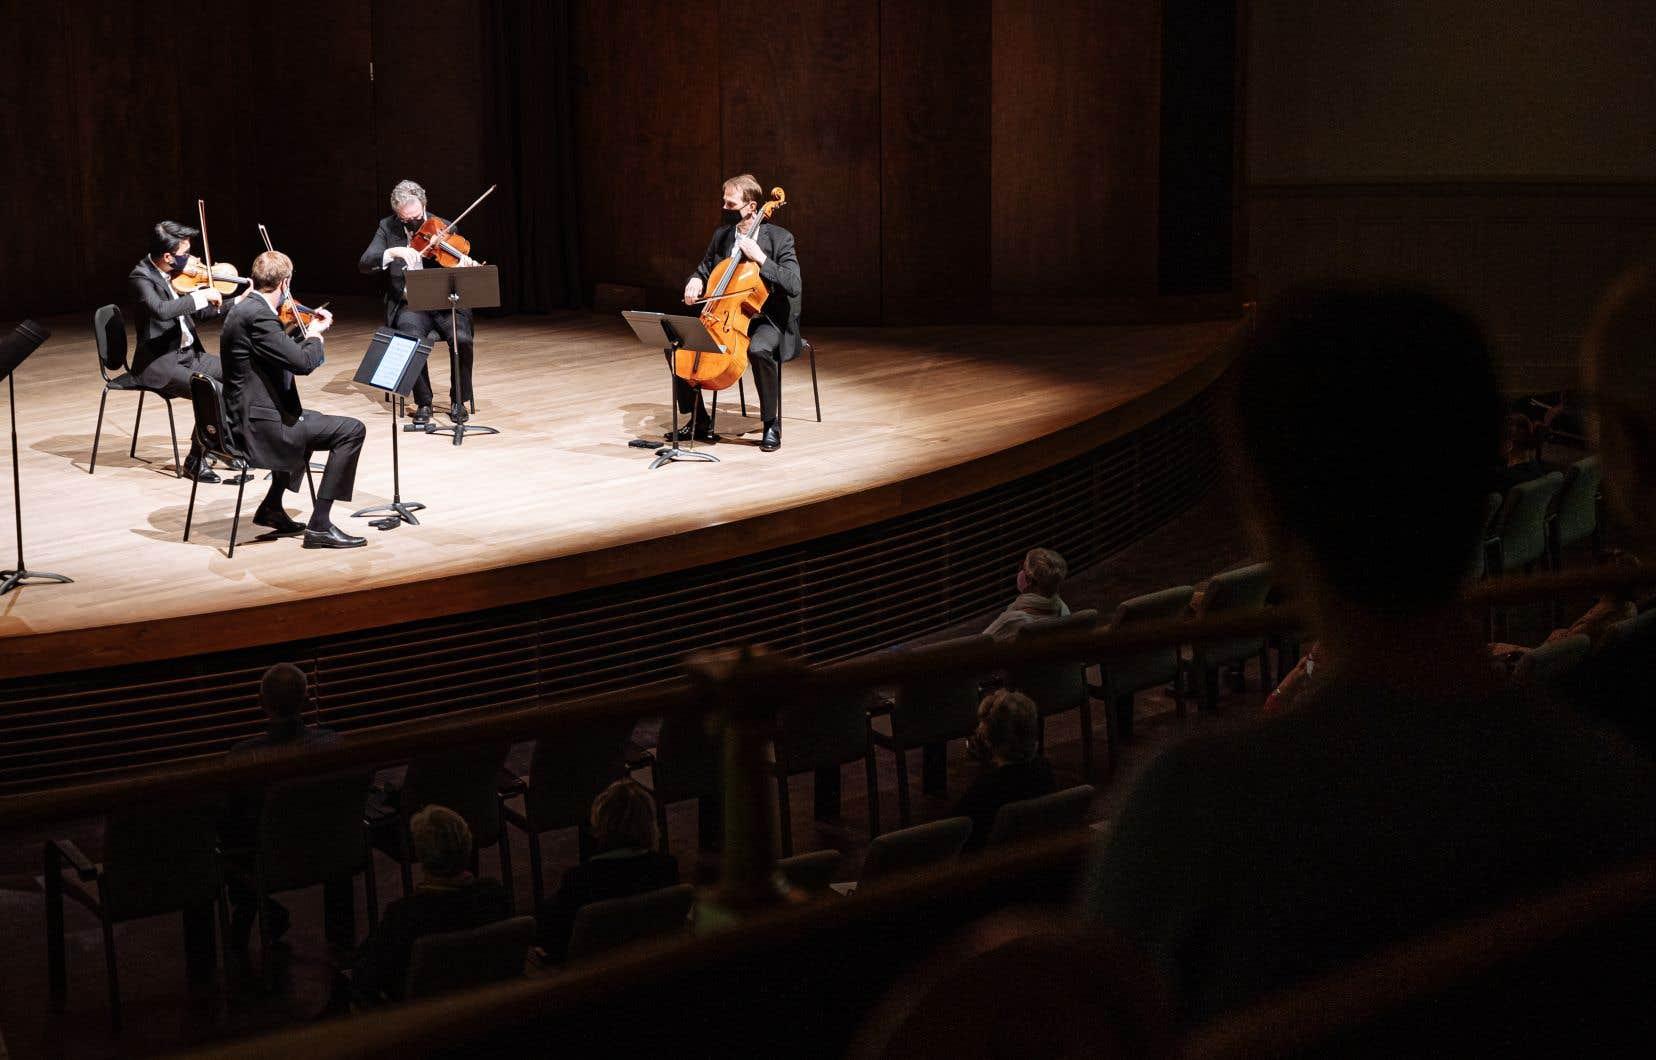 À l'occasion de ce concert, le Nouveau Quatuor à cordes Orford s'est présenté dans une formation inédite, Douglas McNabney remplaçant à l'alto Eric Nowlin, retenu aux États-Unis.